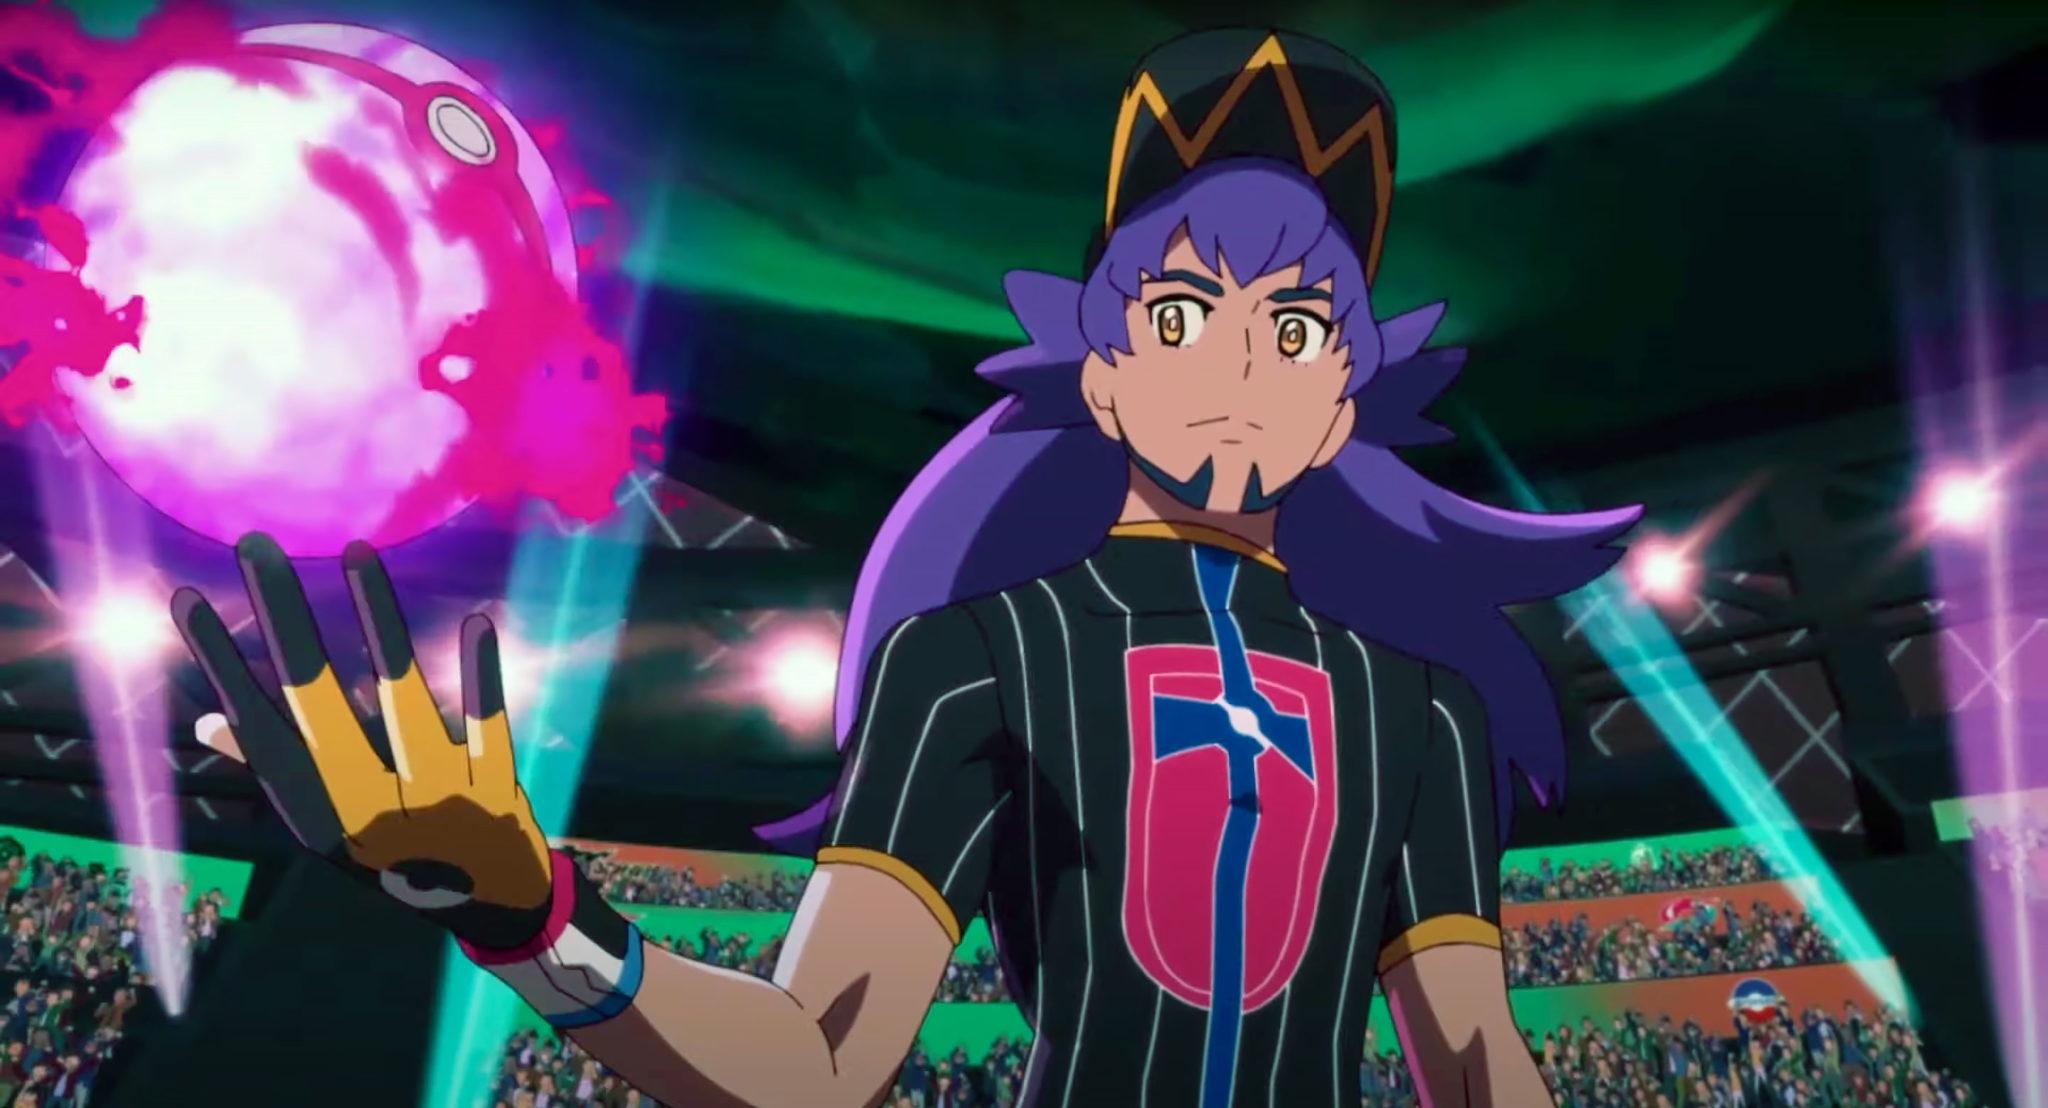 leon pokemon sword shield